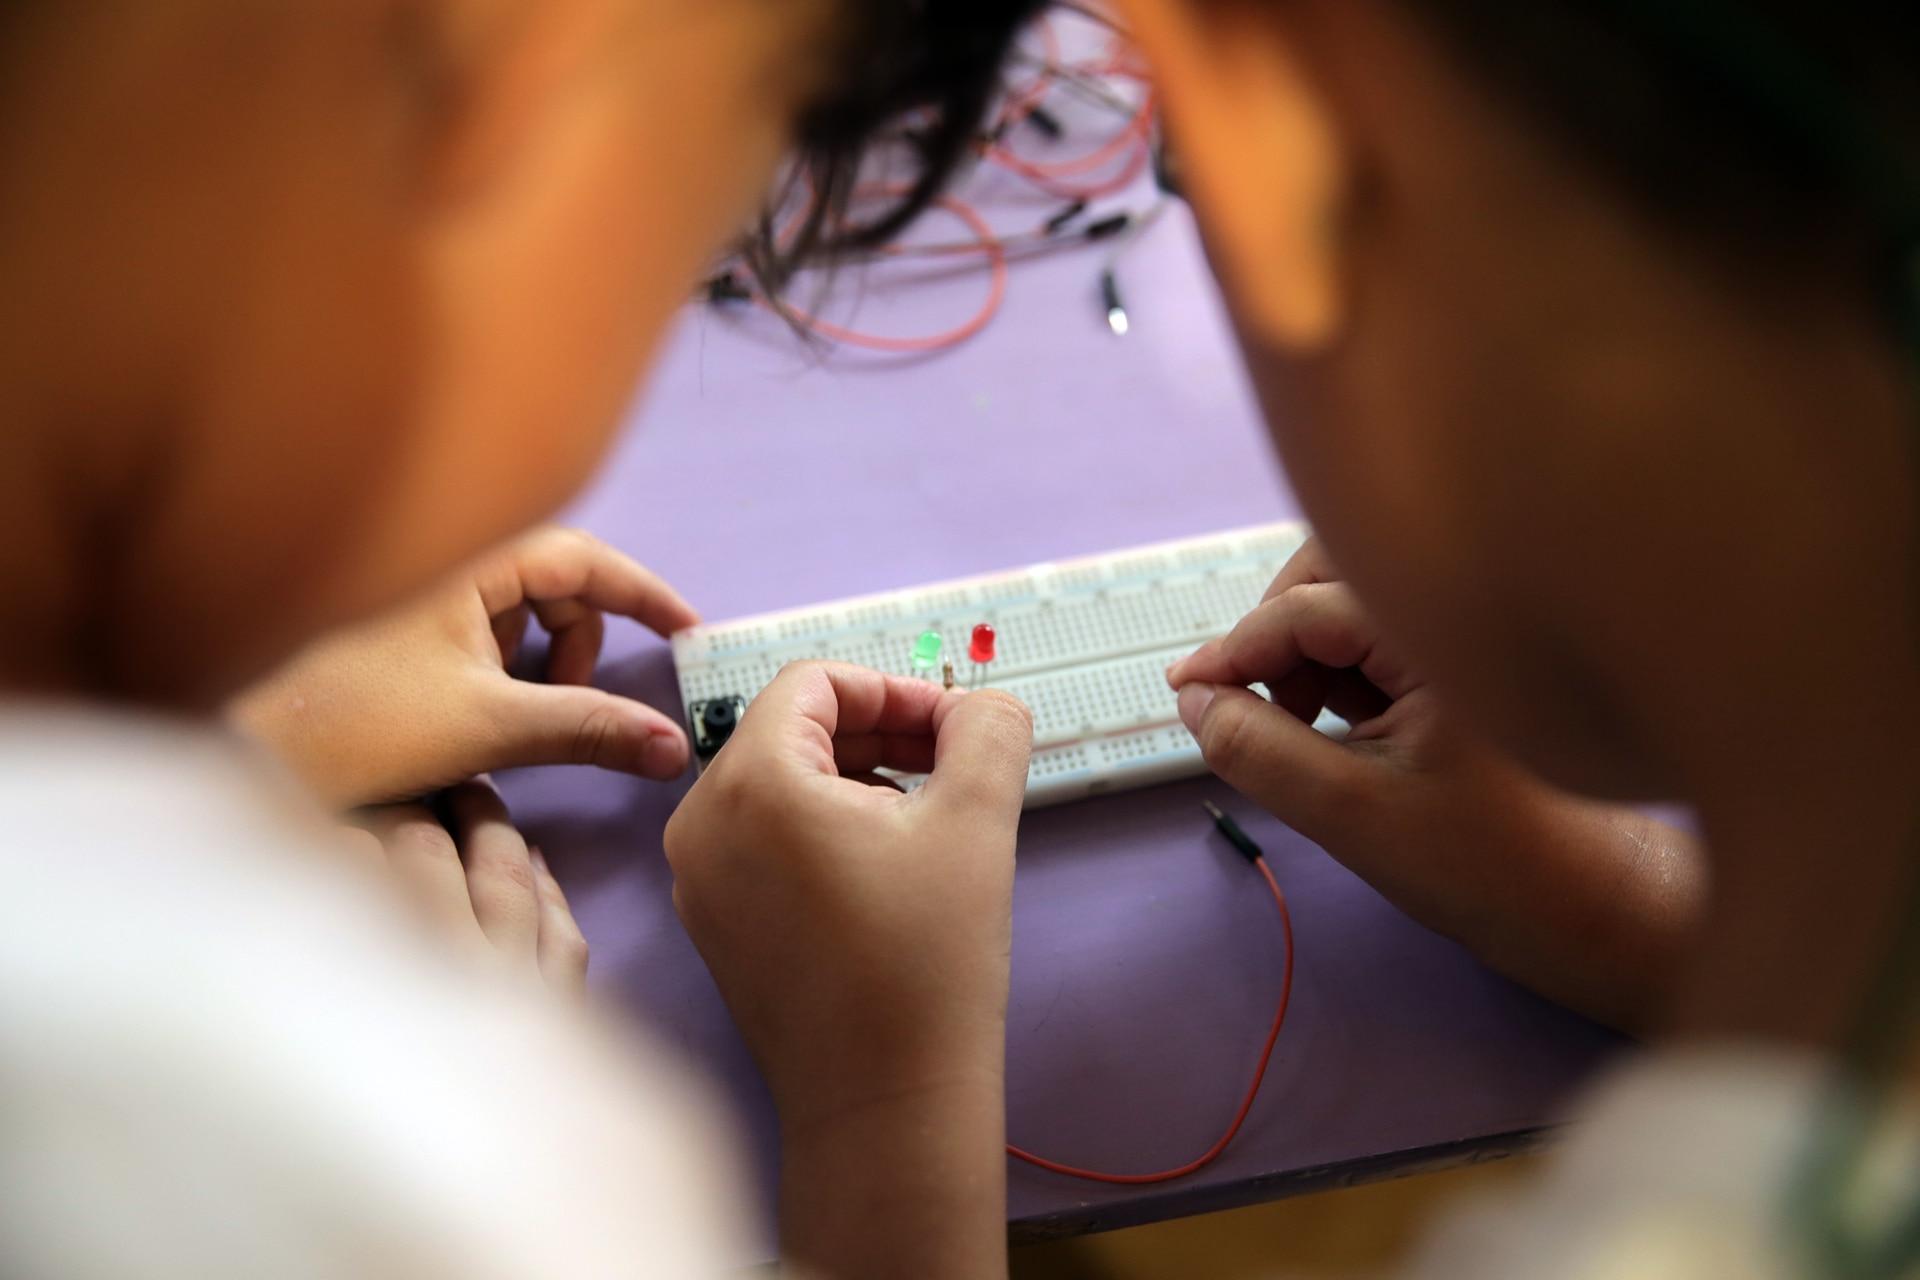 Los chicos trabajando en un proyecto de mecatrónica, comparten roles y colaboran entre ellos.